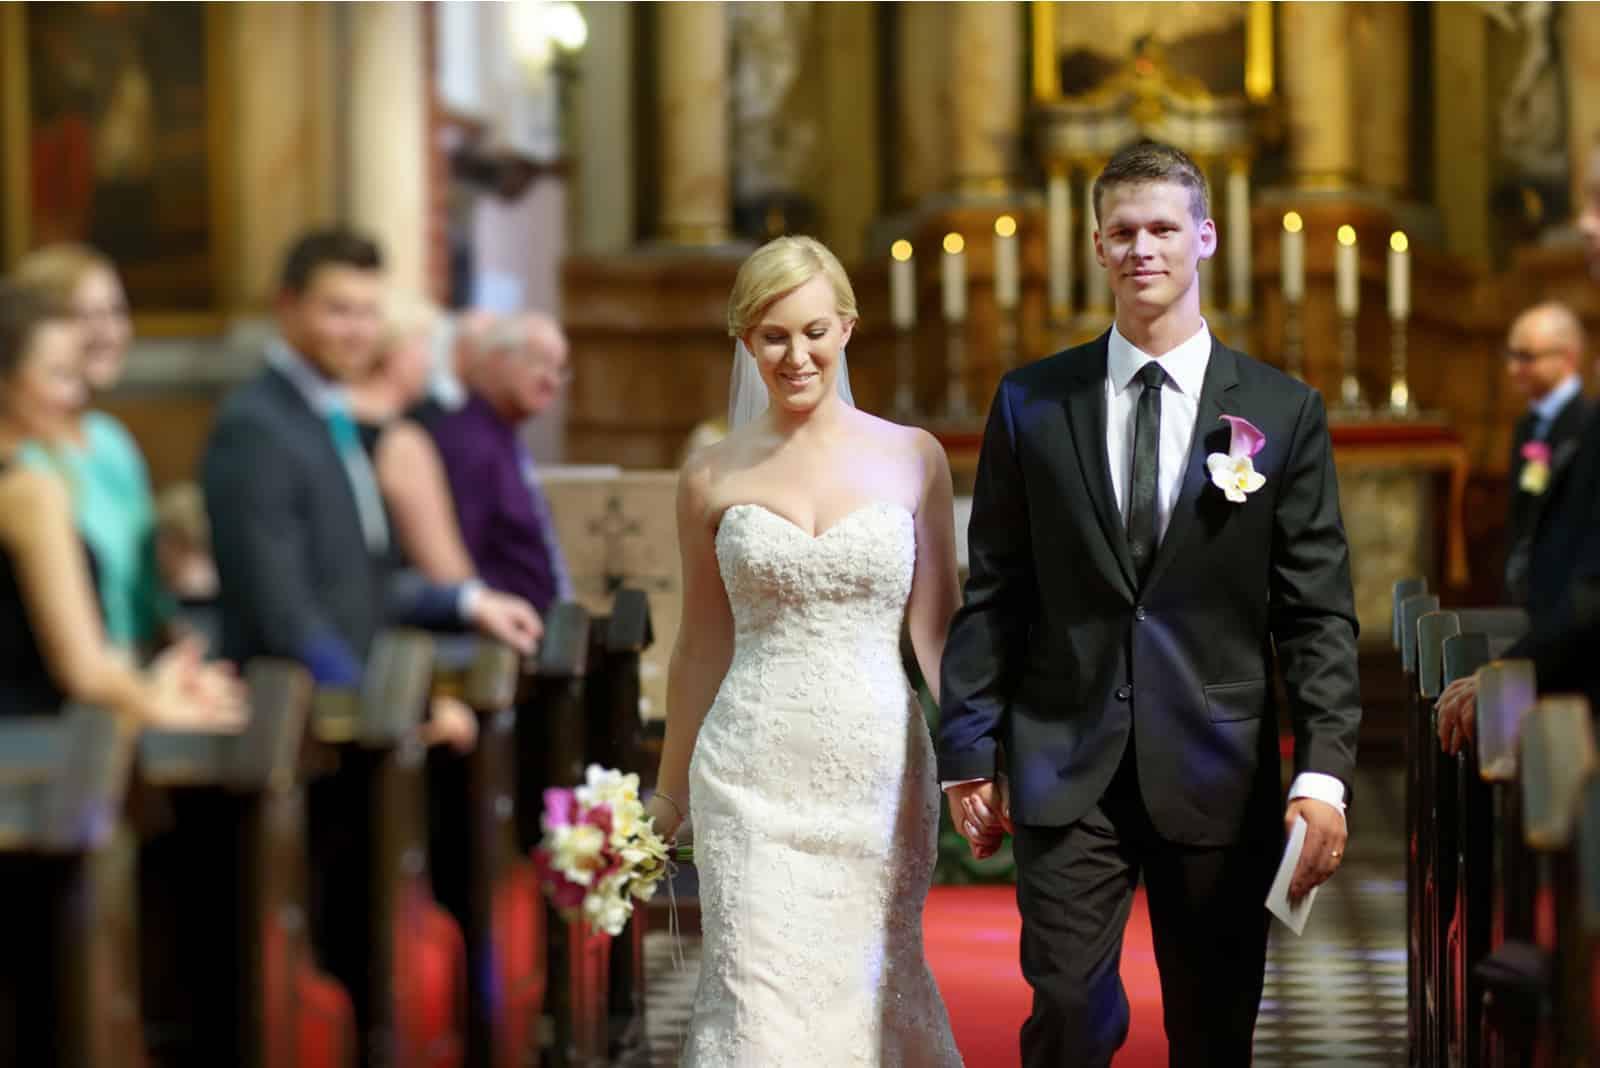 Braut und Bräutigam verlassen die Kirche nach einer Hochzeitszeremonie